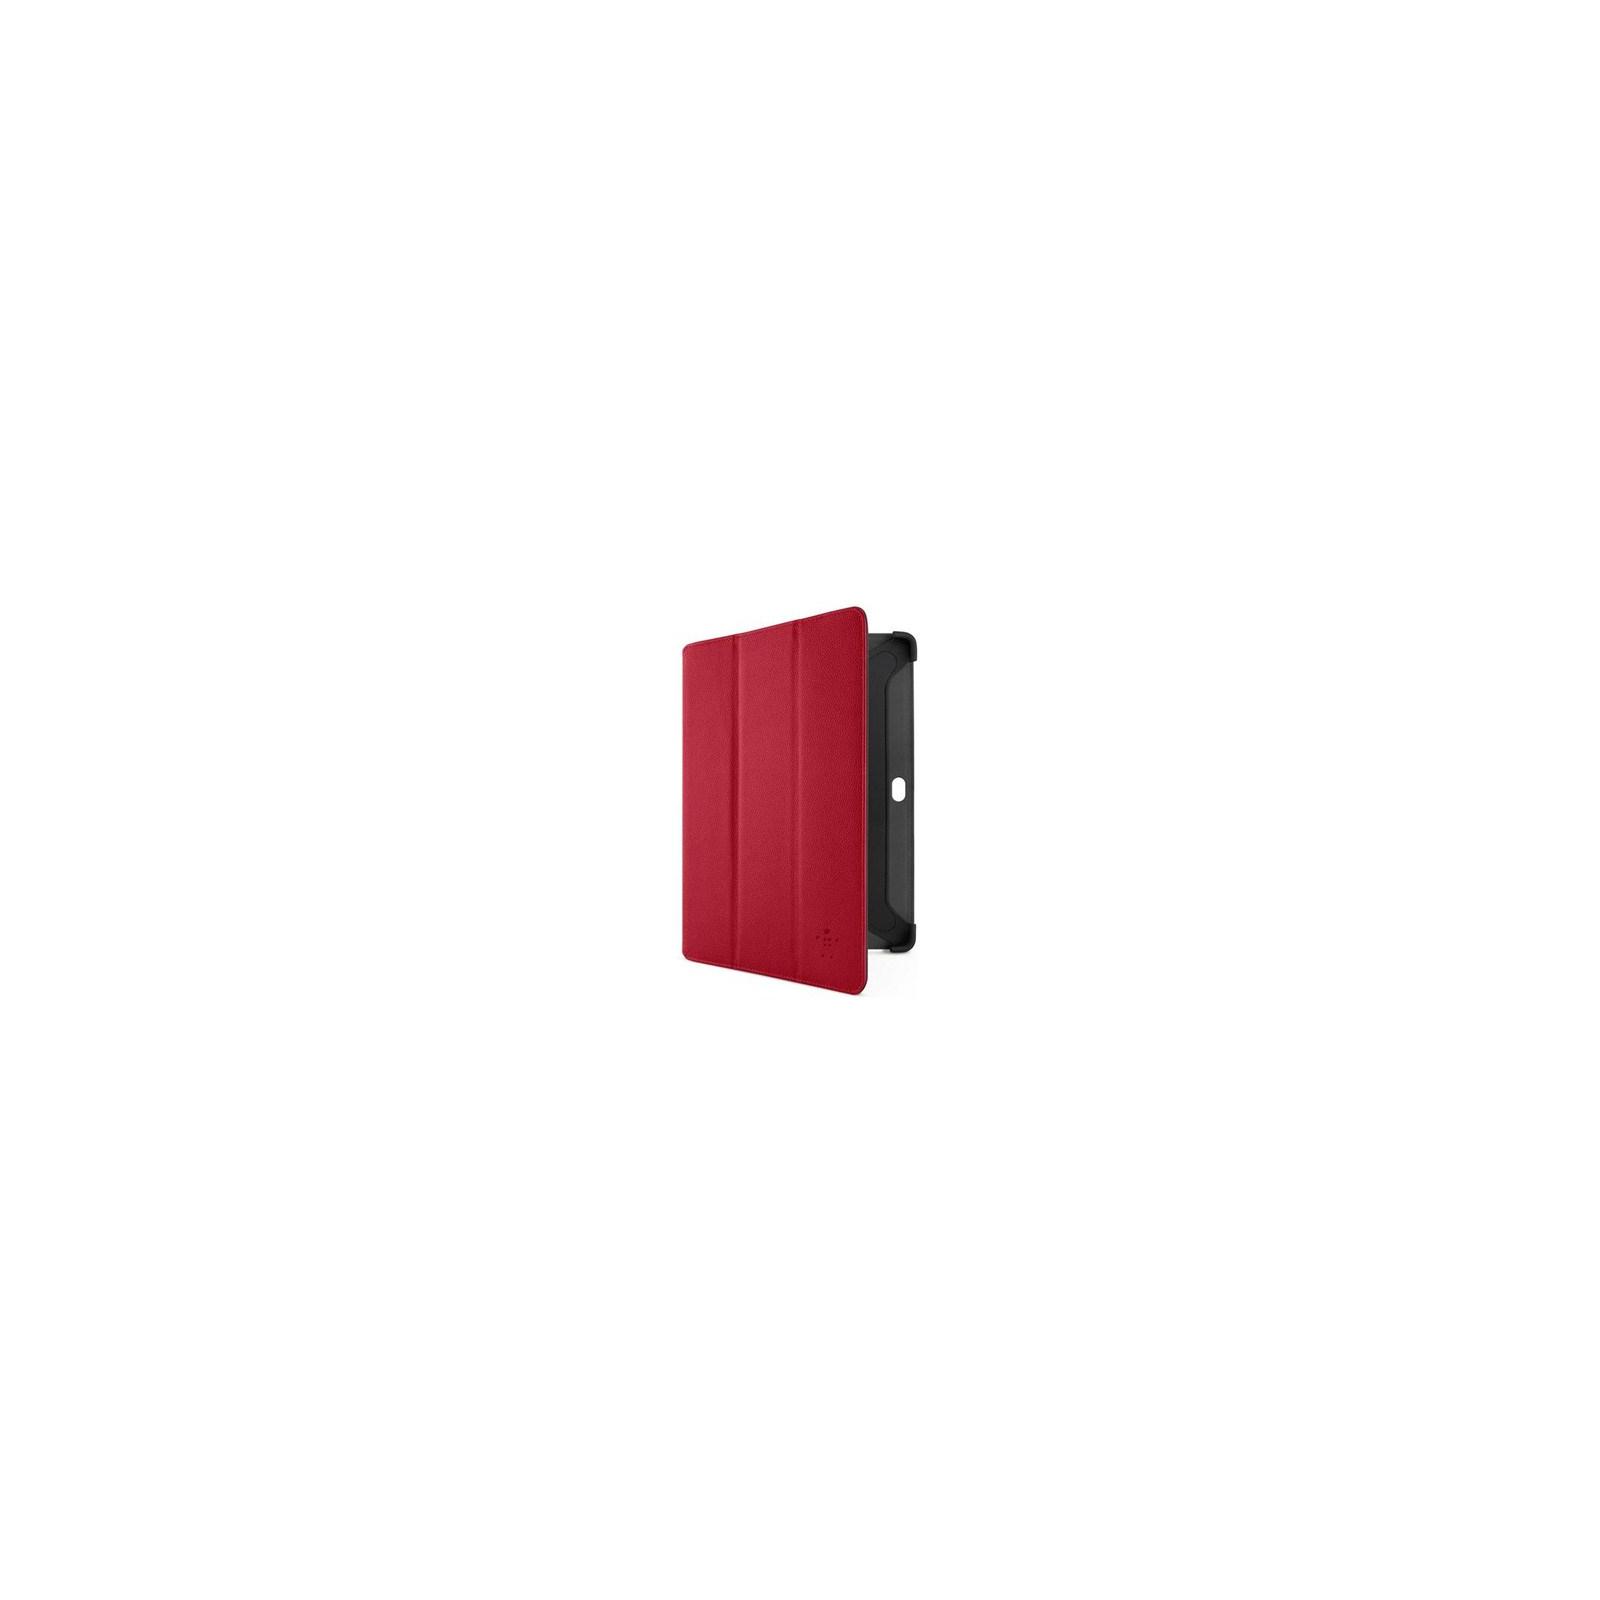 Чехол для планшета Belkin 10.1 GalaxyTab/Tab2 Tri-Fold Folio Stand (F8M394cwC02)